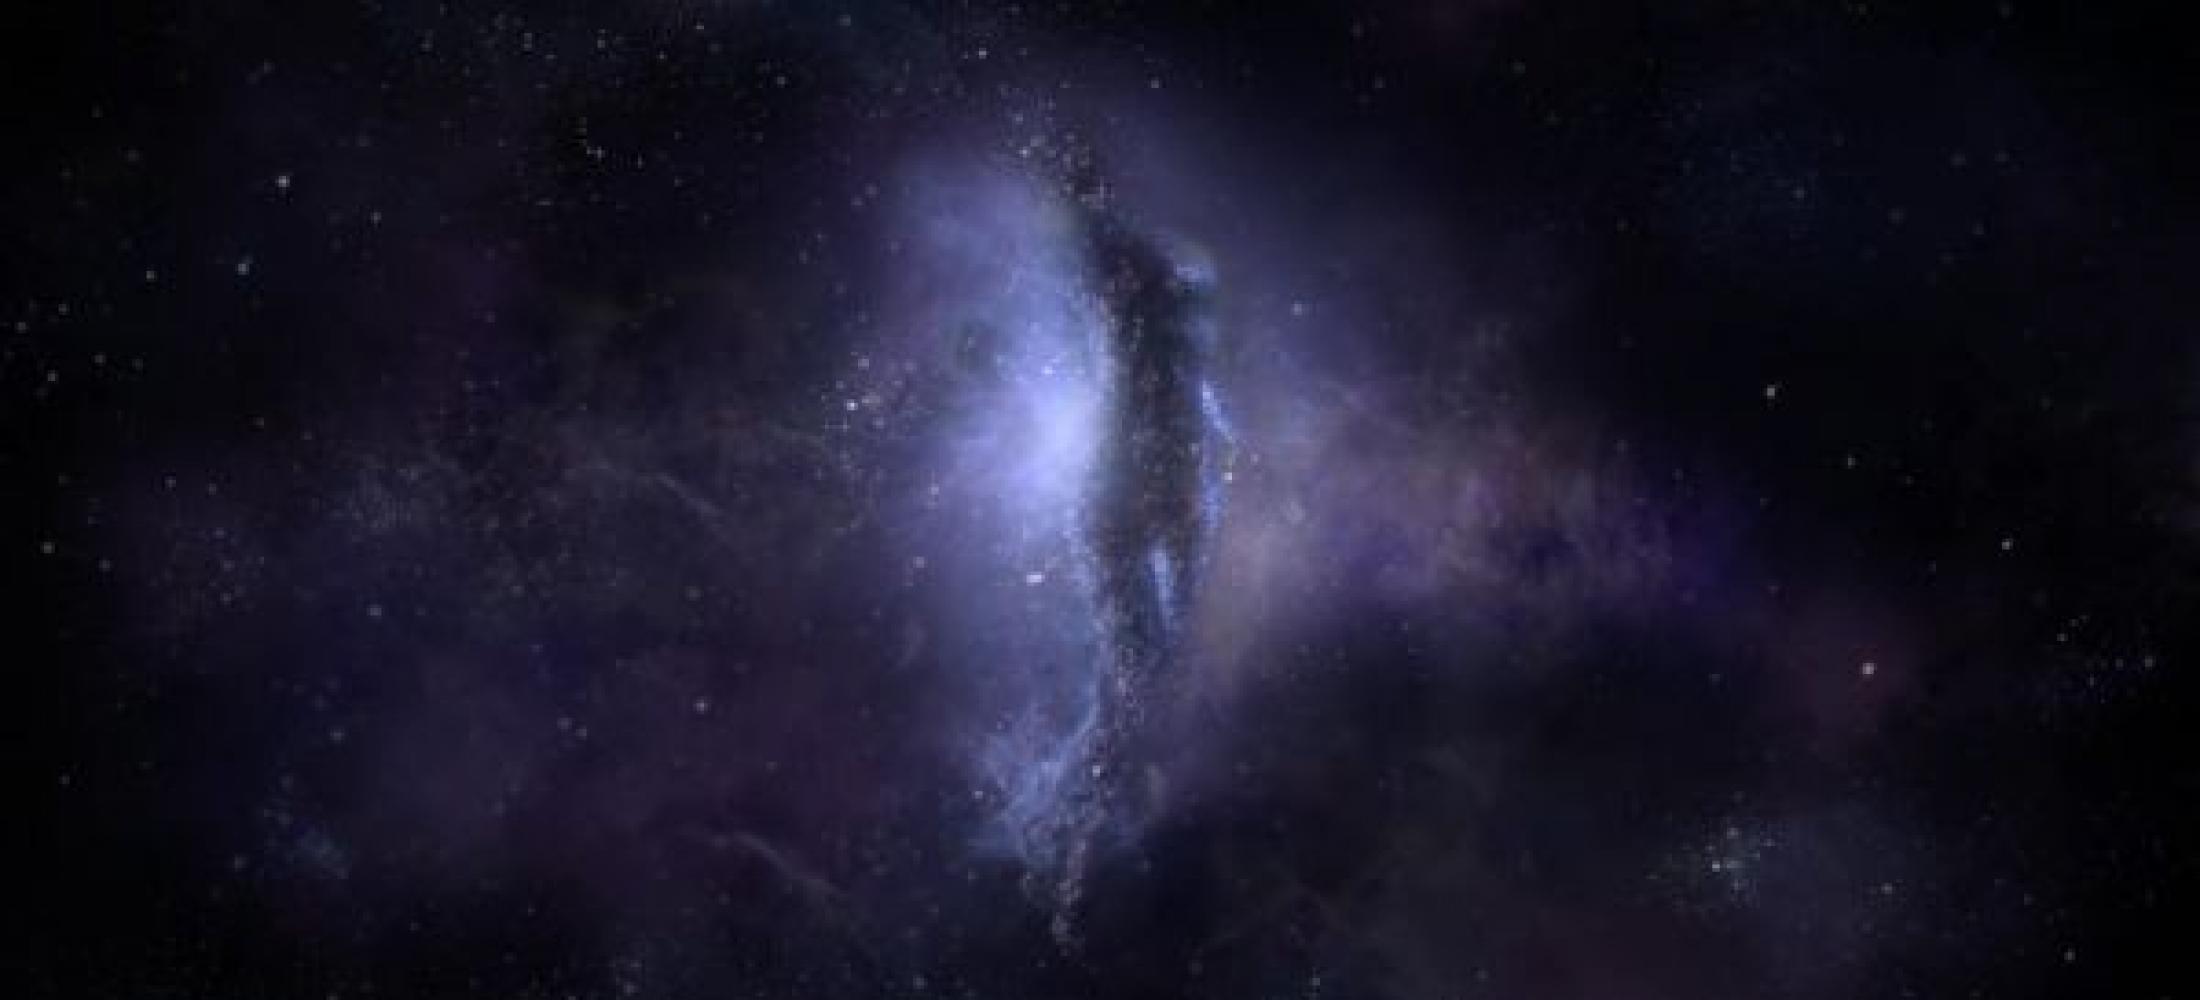 Общение с богиней бесконечности. Часть 2. Духовная эволюция Вселенной